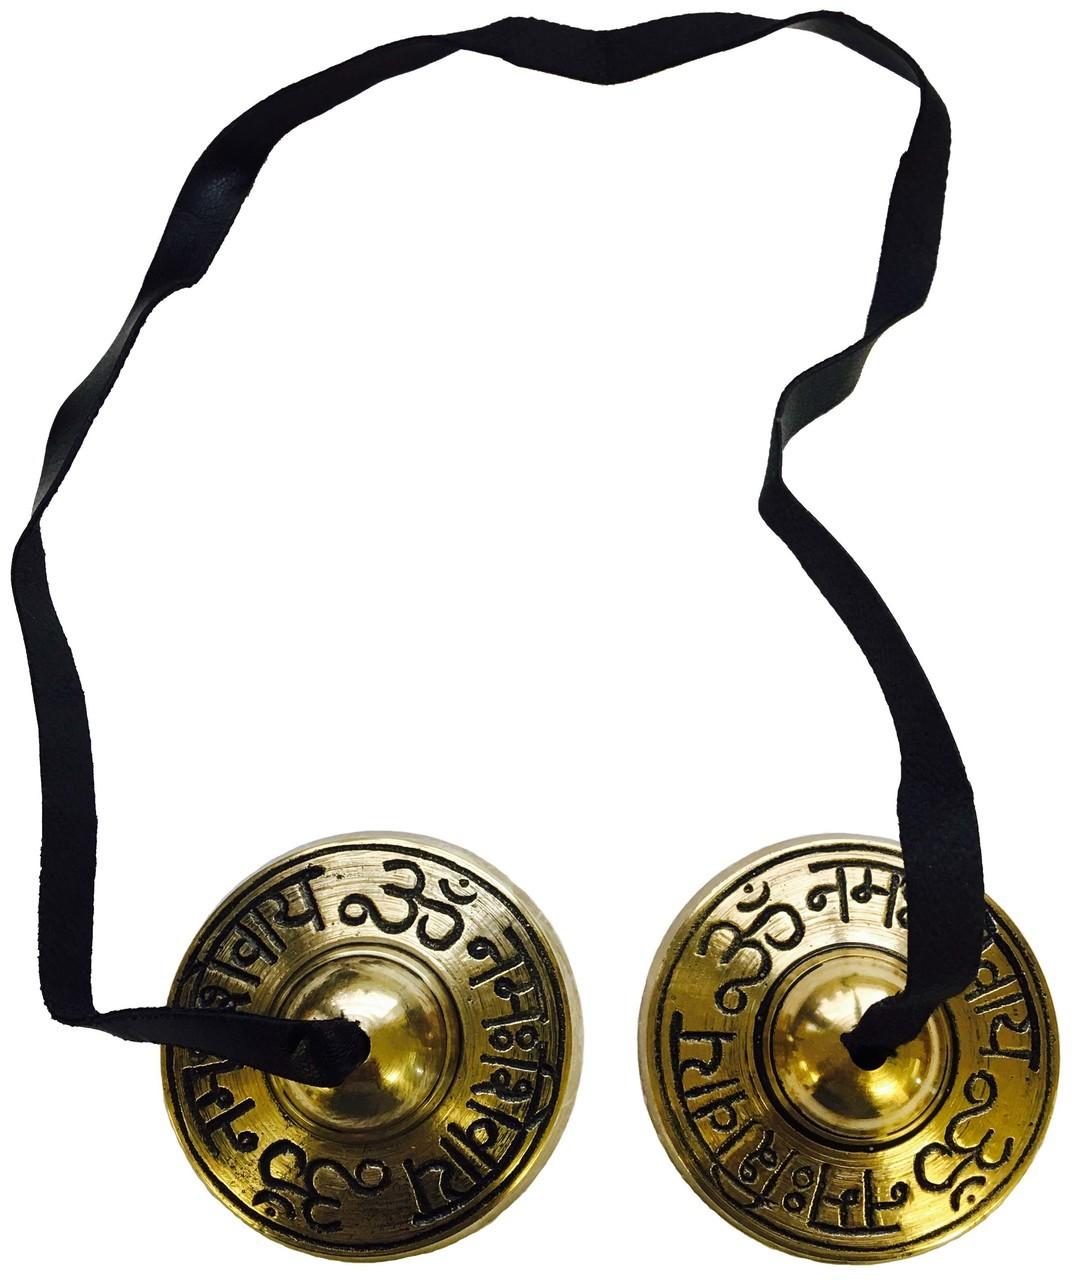 Tibeton Brass Bells (out of stock) $24.99